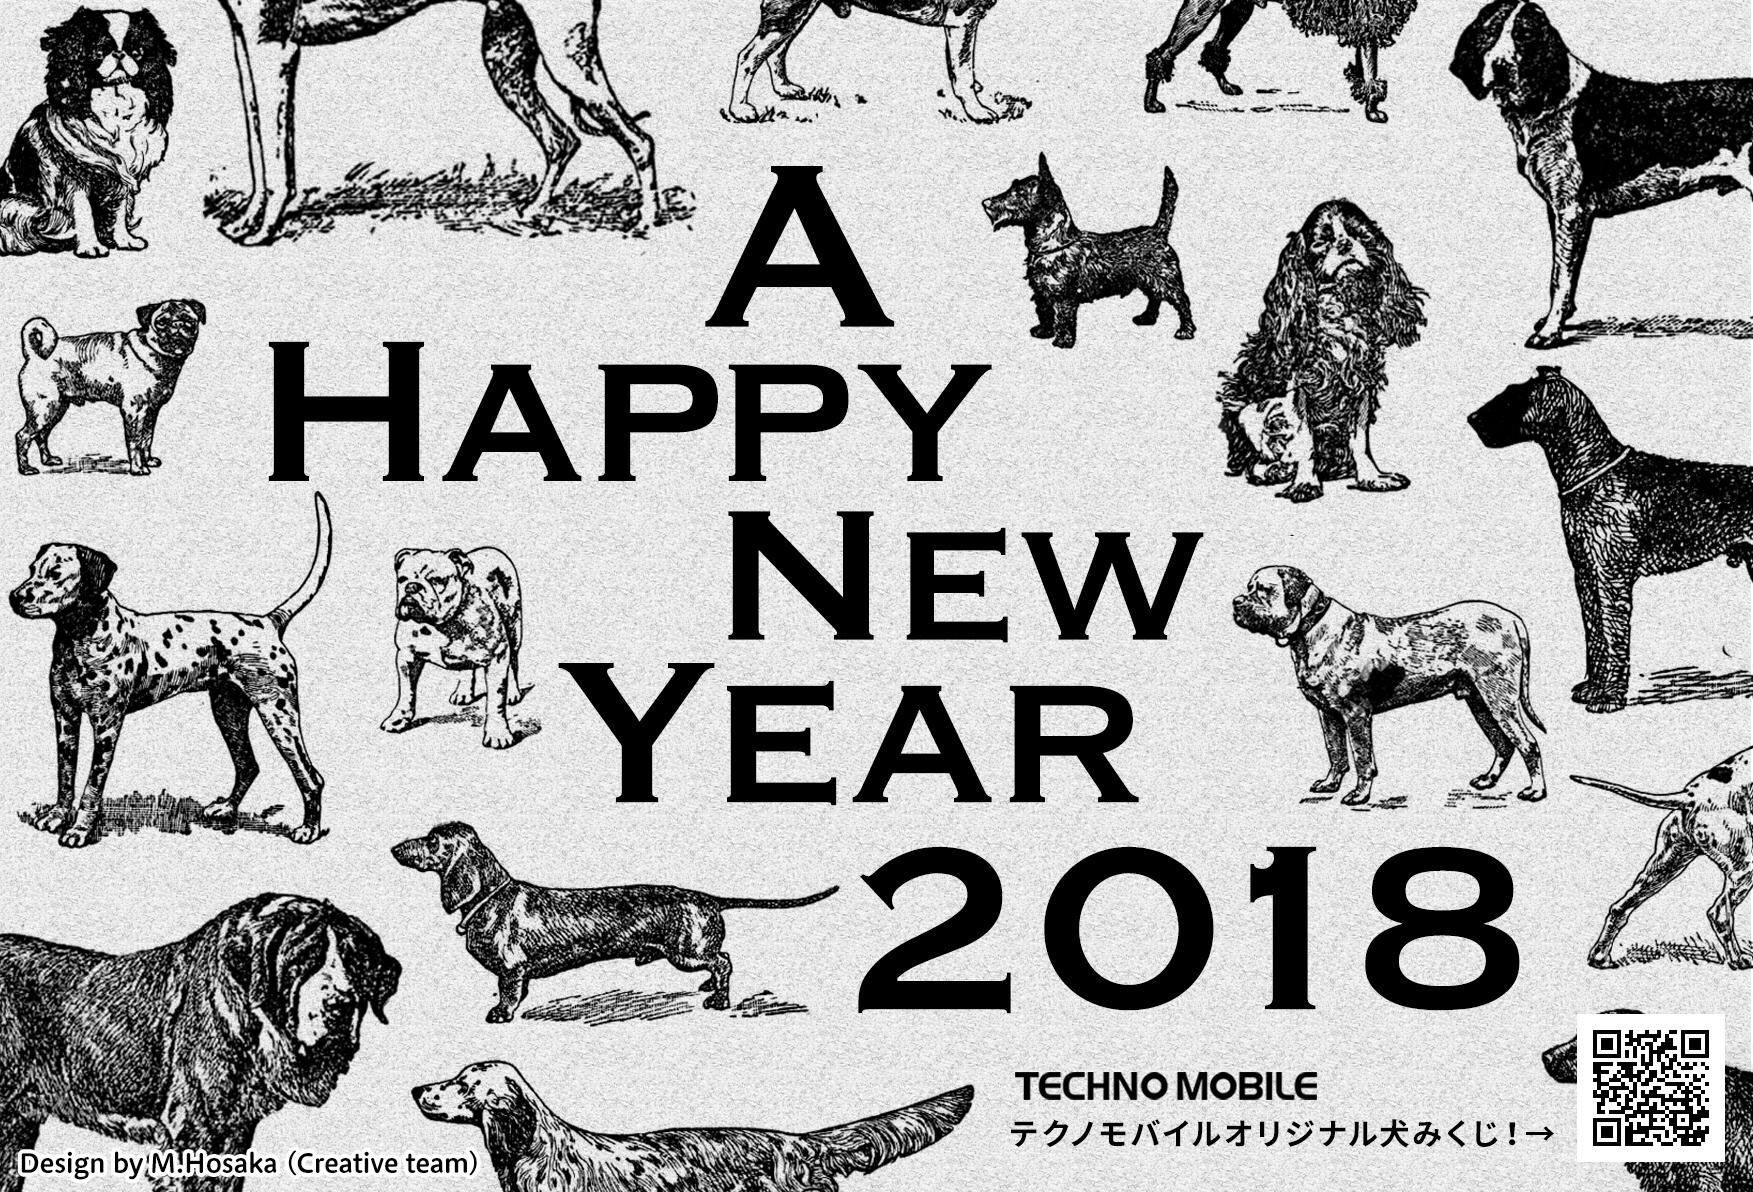 年賀状,あけましておめでとうございます,2018年,平成30年,戌年,新年